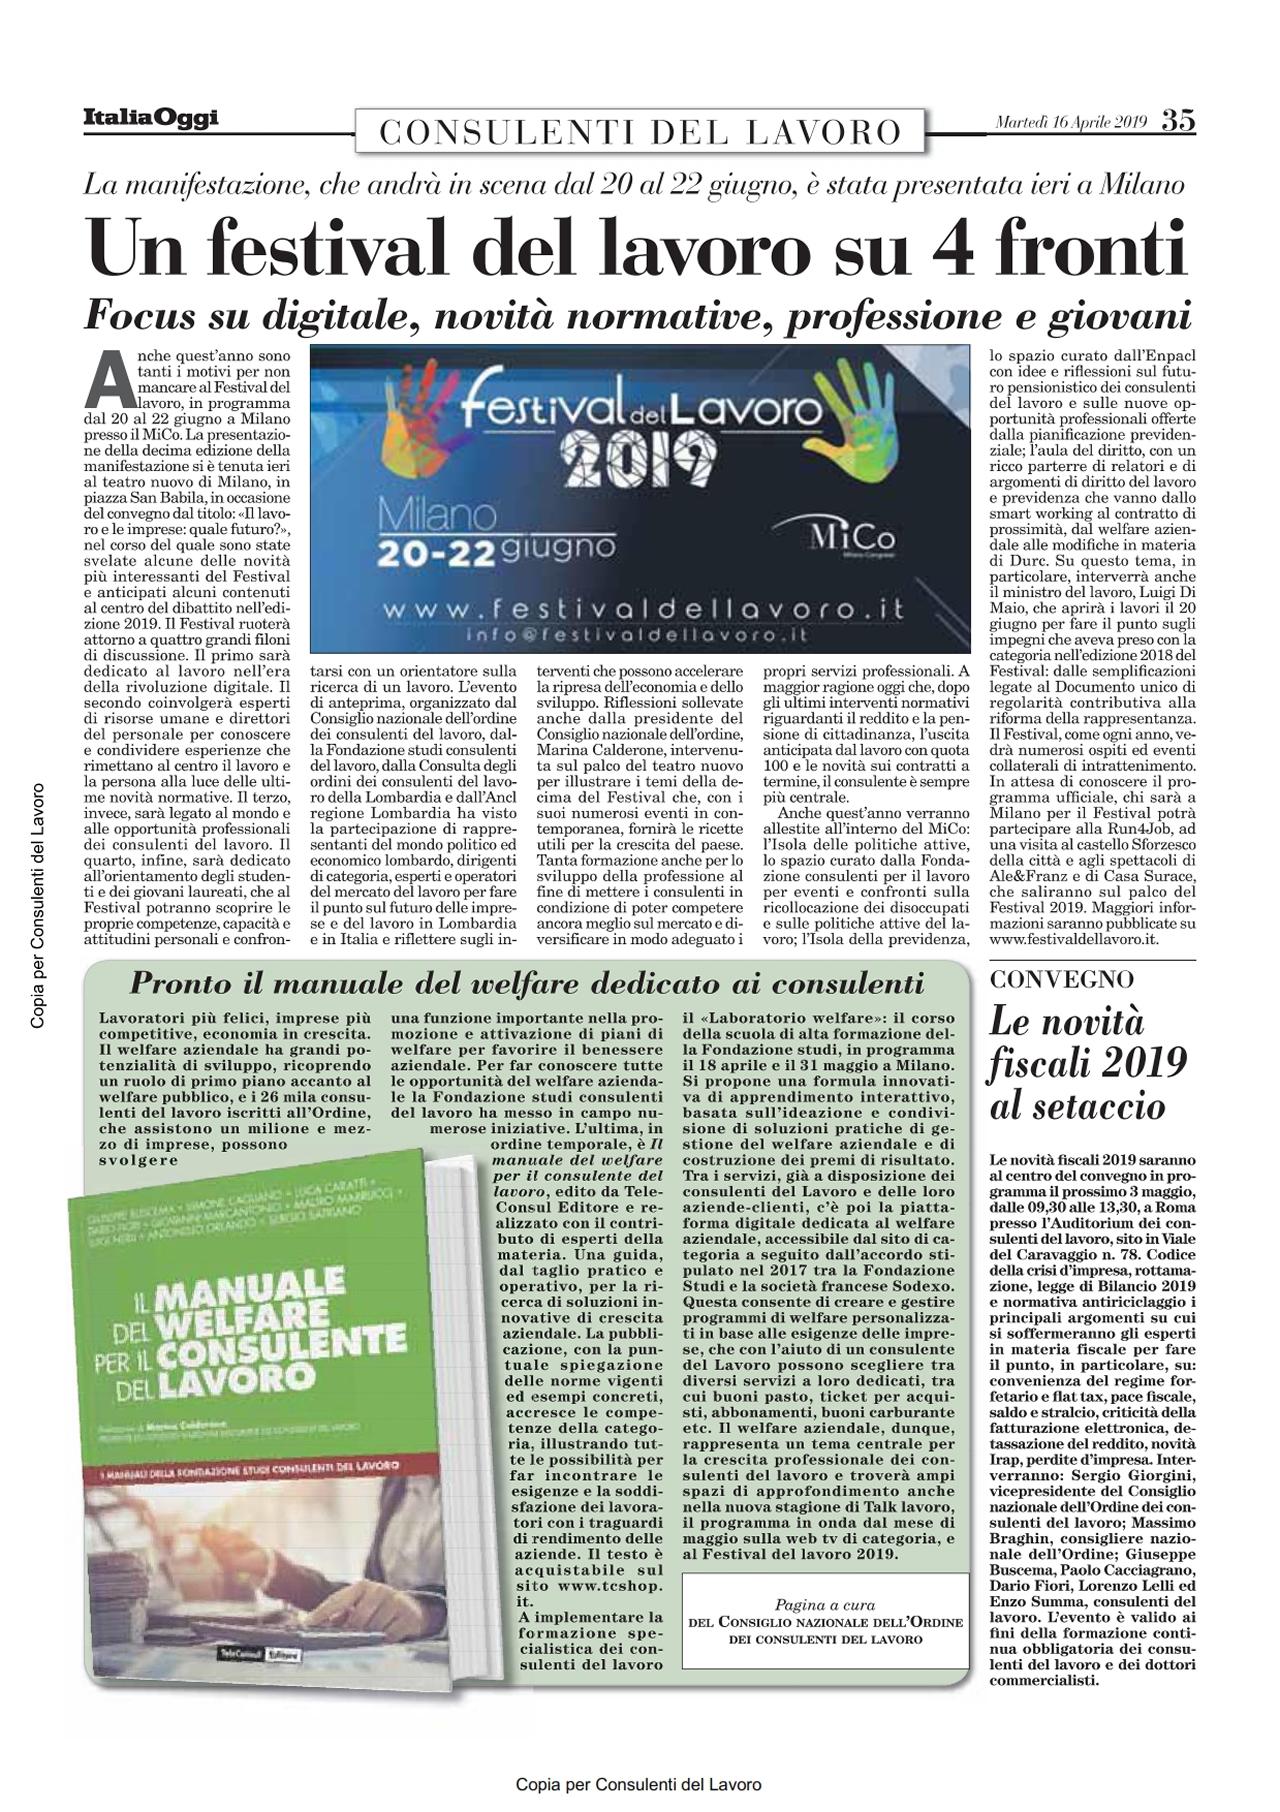 Consulenti Del Lavoro Official Site Italia Oggi Del 16